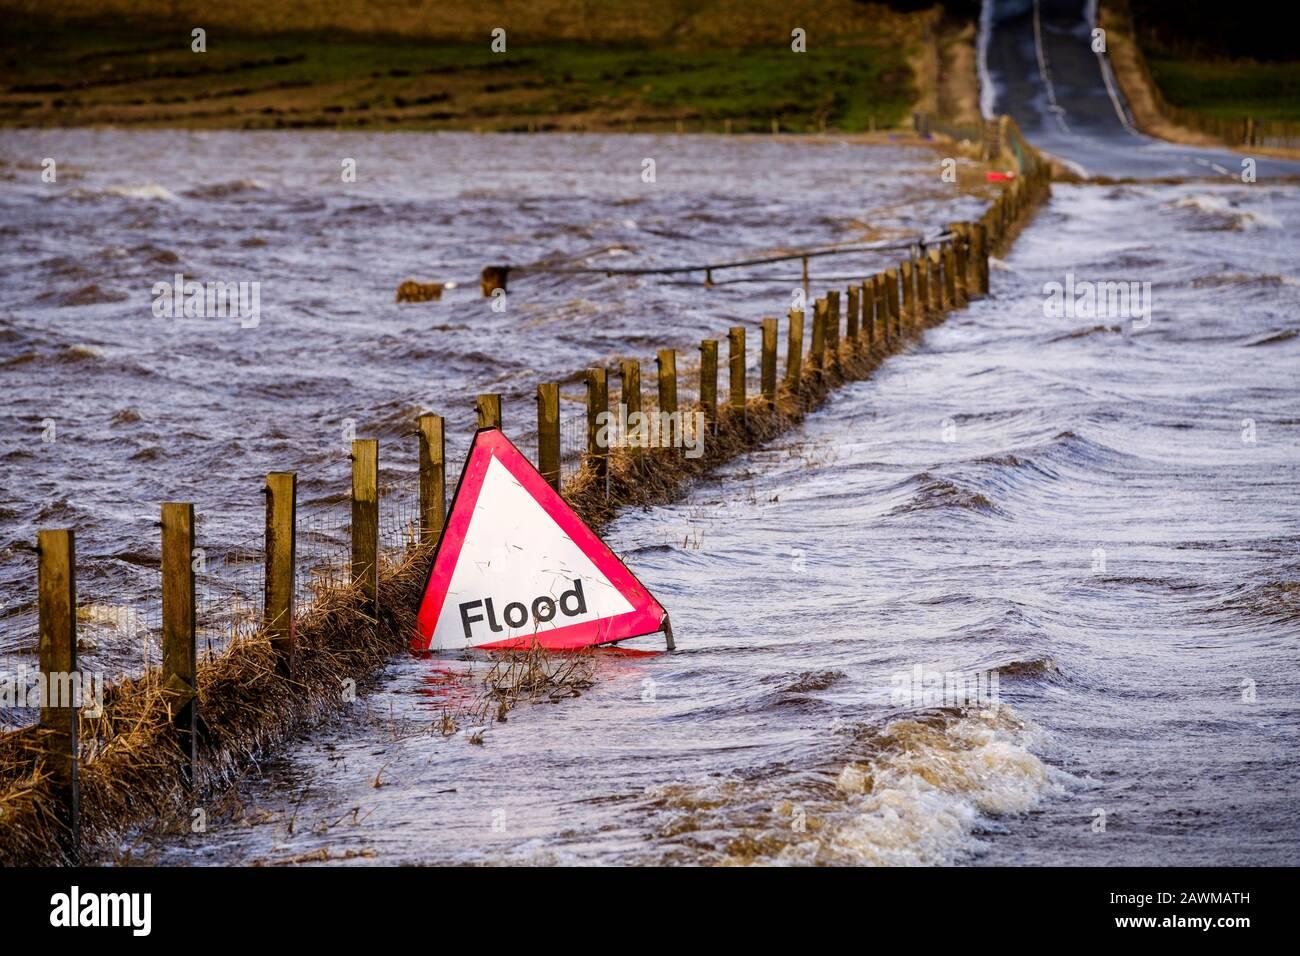 Der Sturm Ciara verursacht, dass der Fluss Medwin (ein Zufluss des Flusses Clyde) seine Ufer in South Lanarkshire, Schottland, platzt, was zu einer weit verbreiteten Überschwemmung führt. Stockfoto